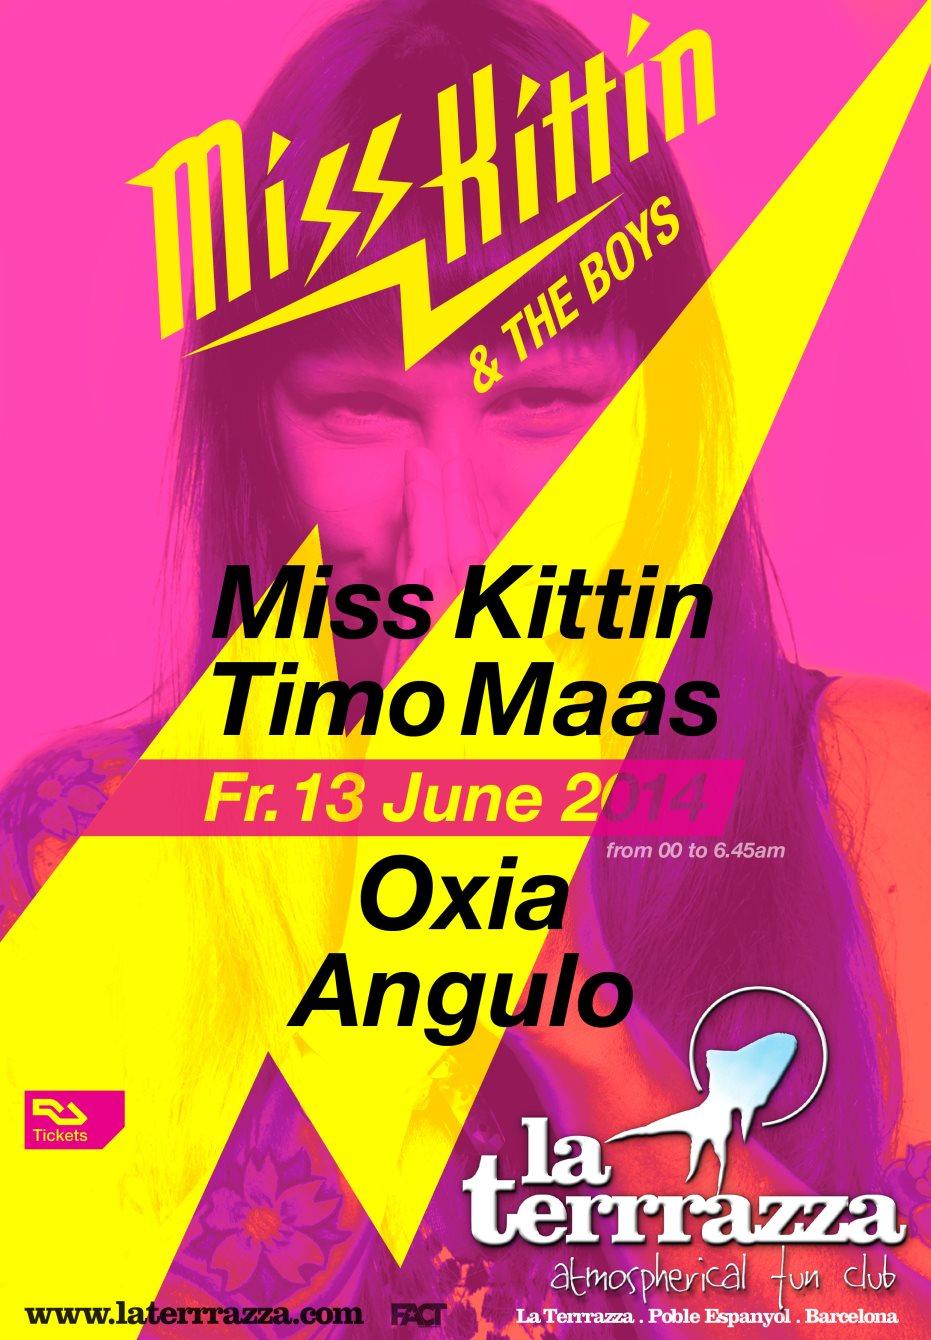 Ra Miss Kittin The Boys At La Terrrazza Barcelona 2014